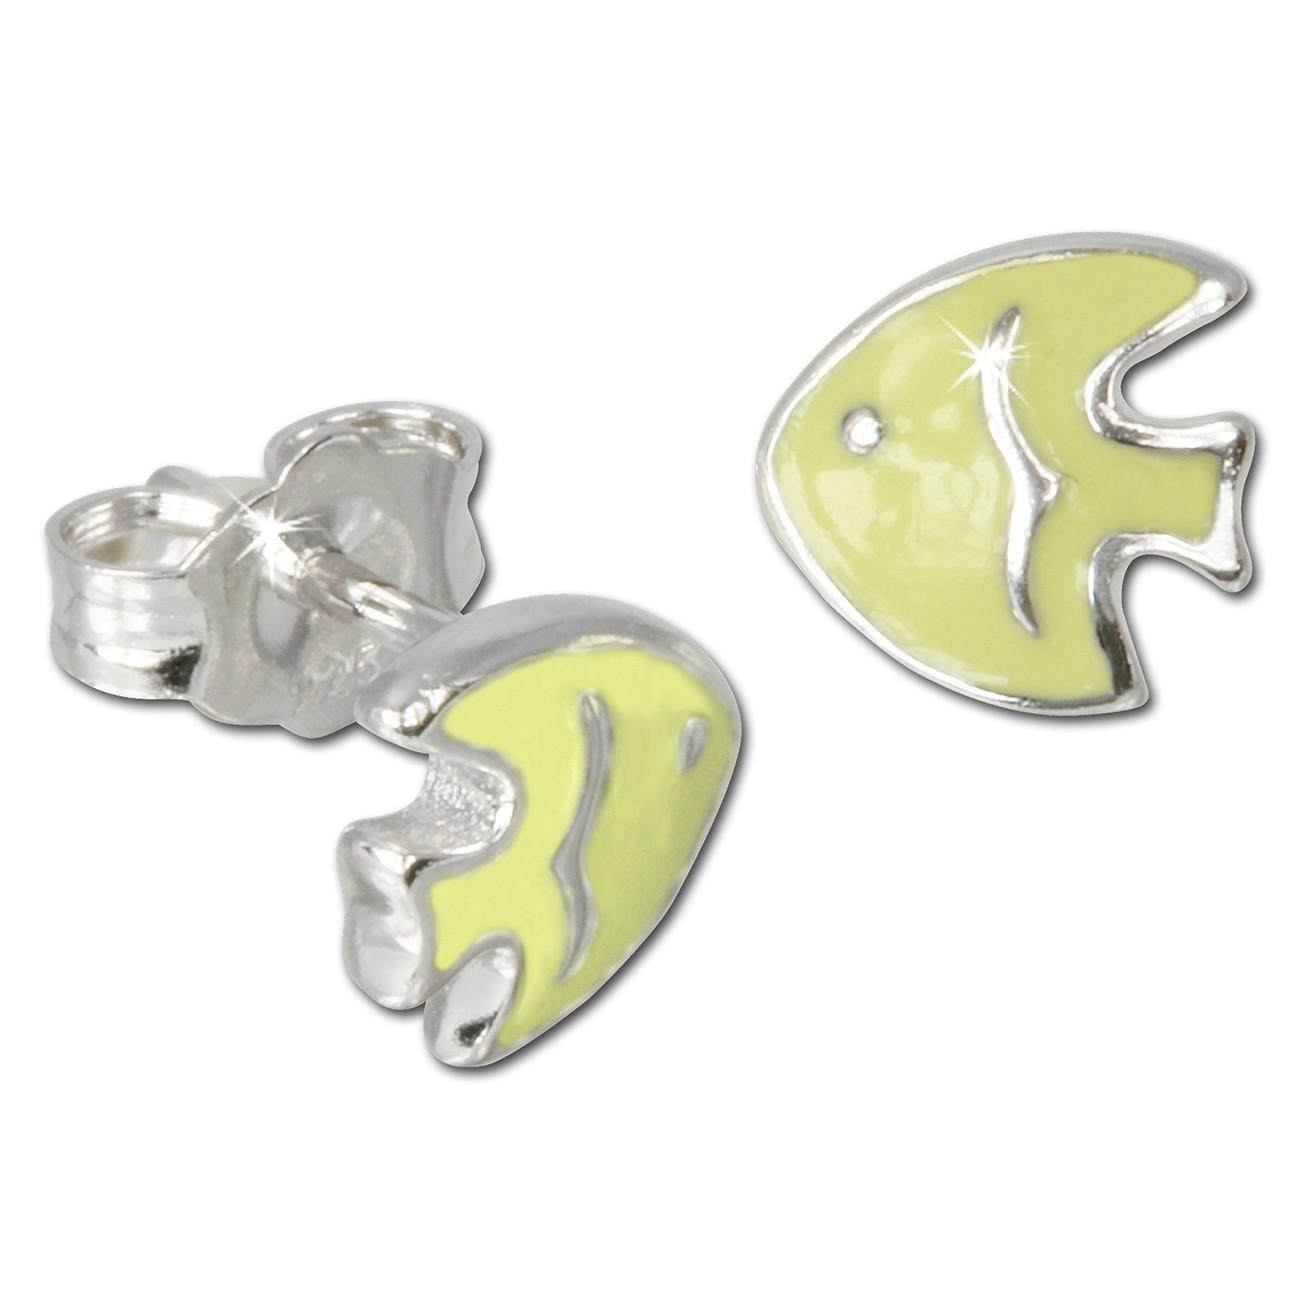 Kinder Ohrring Fisch gelb Silber Ohrstecker Kinderschmuck TW SDO605Y